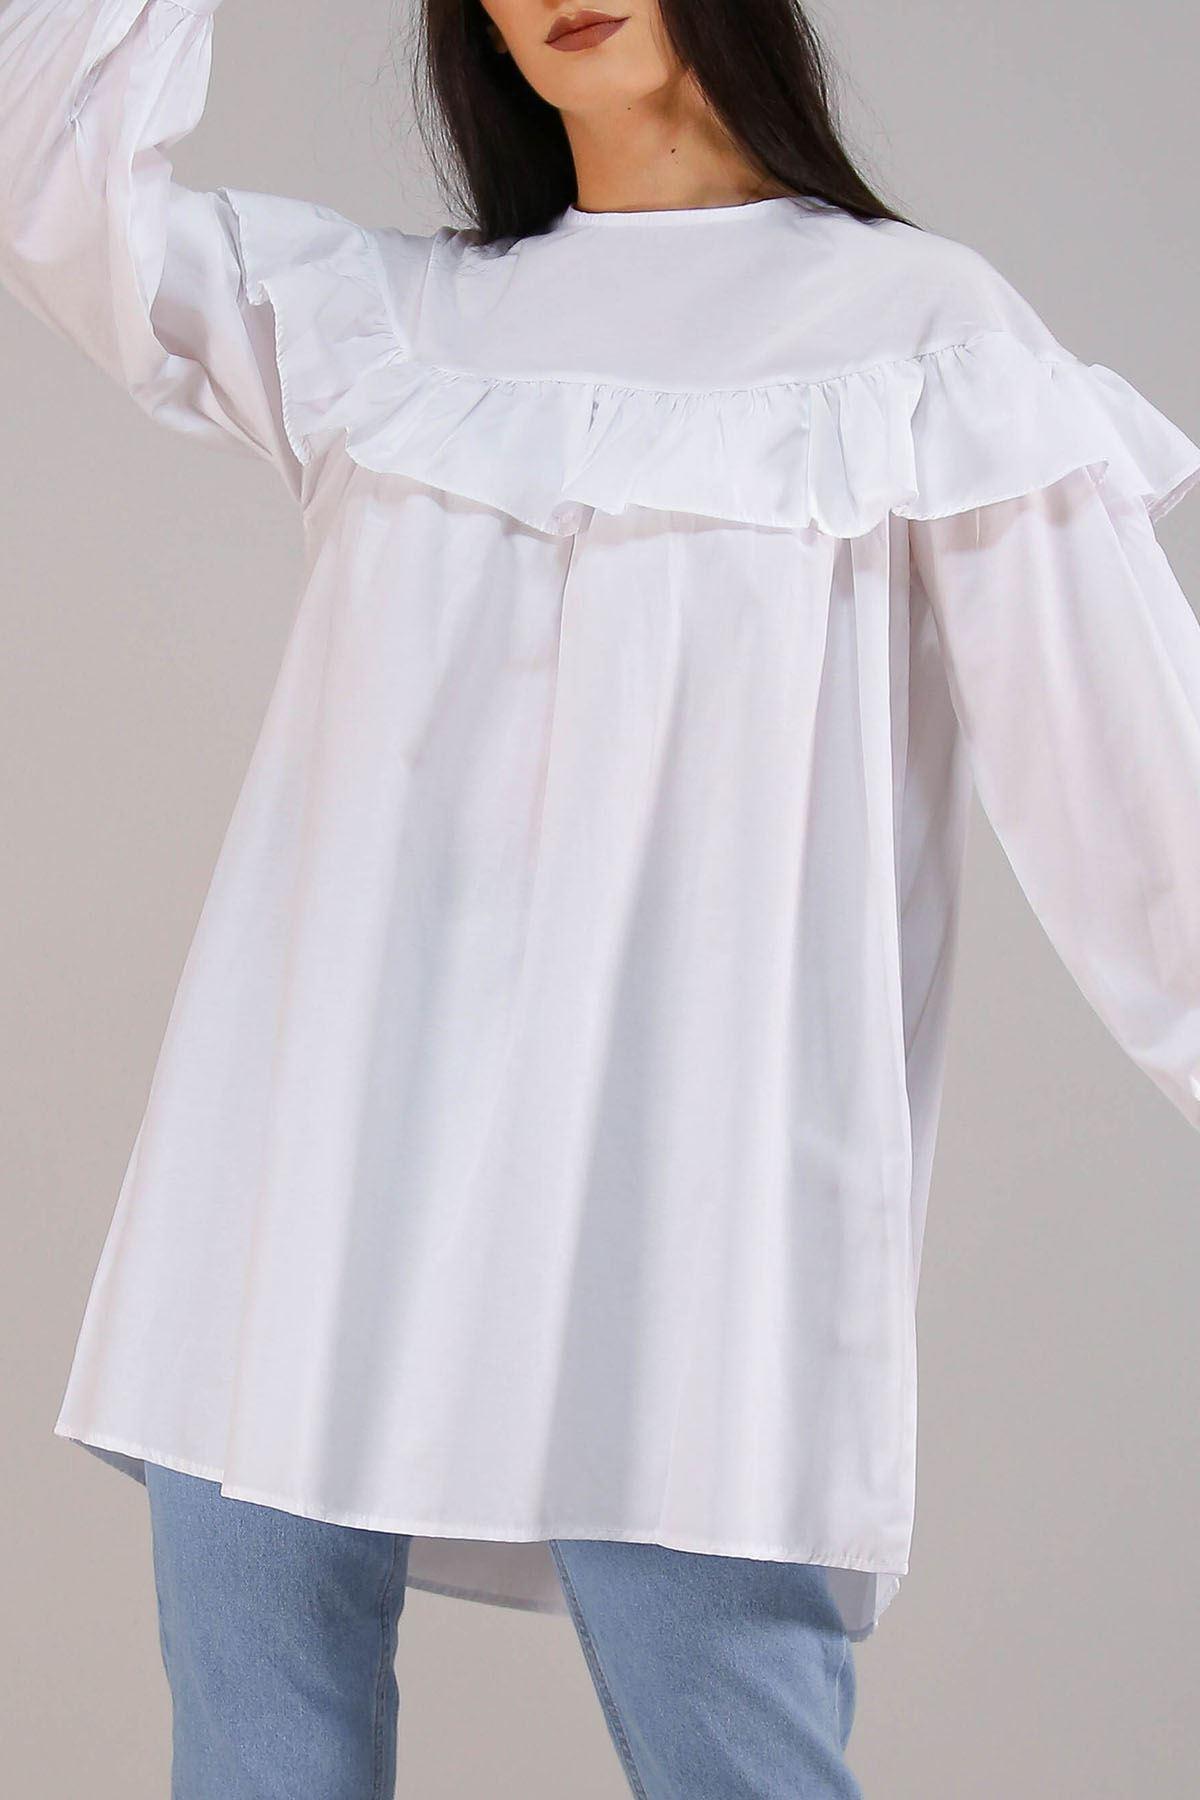 Pelerinli Gömlek Beyaz - 3160.105.